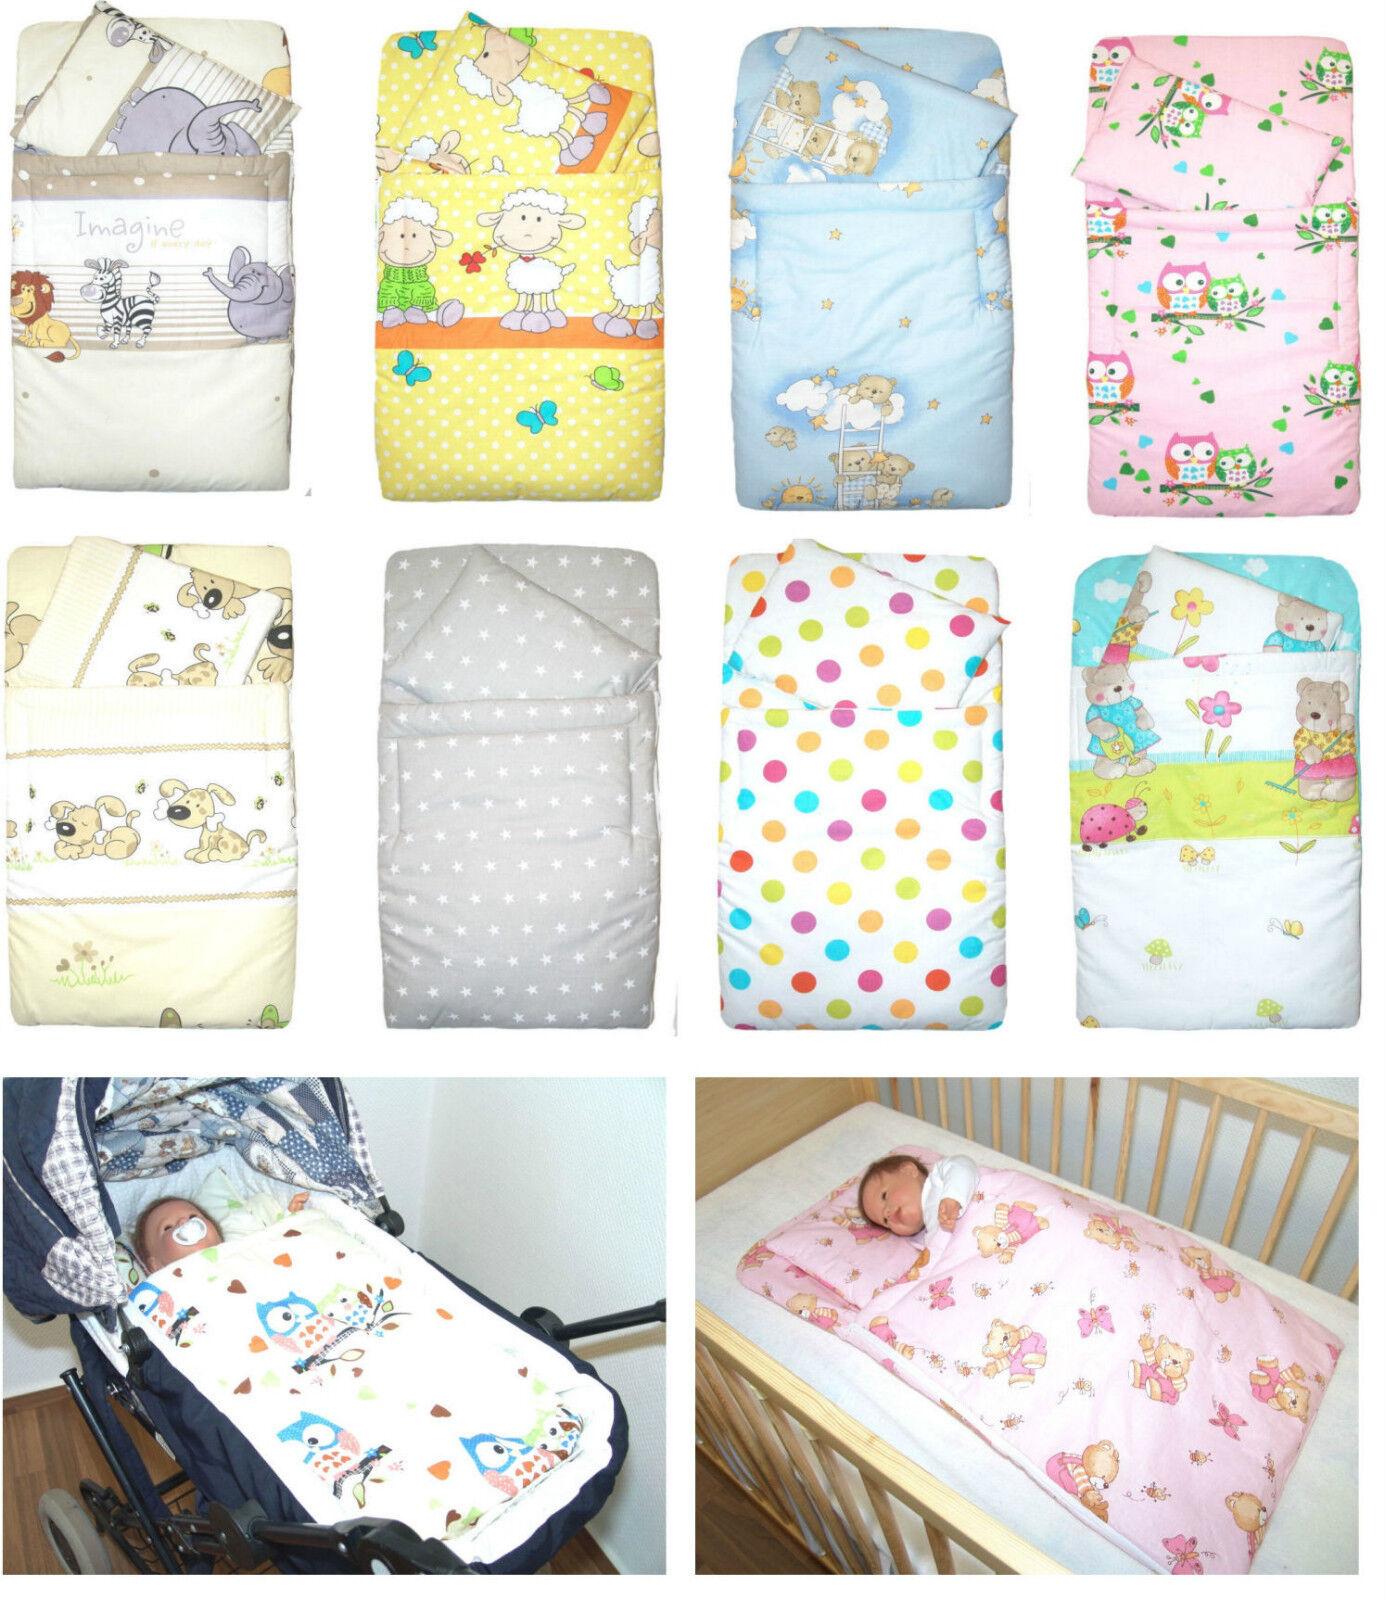 Baby Schlafsack, Fußsack,  Sommerfußsack, , Wiegen, Kinderwagen Fußsack